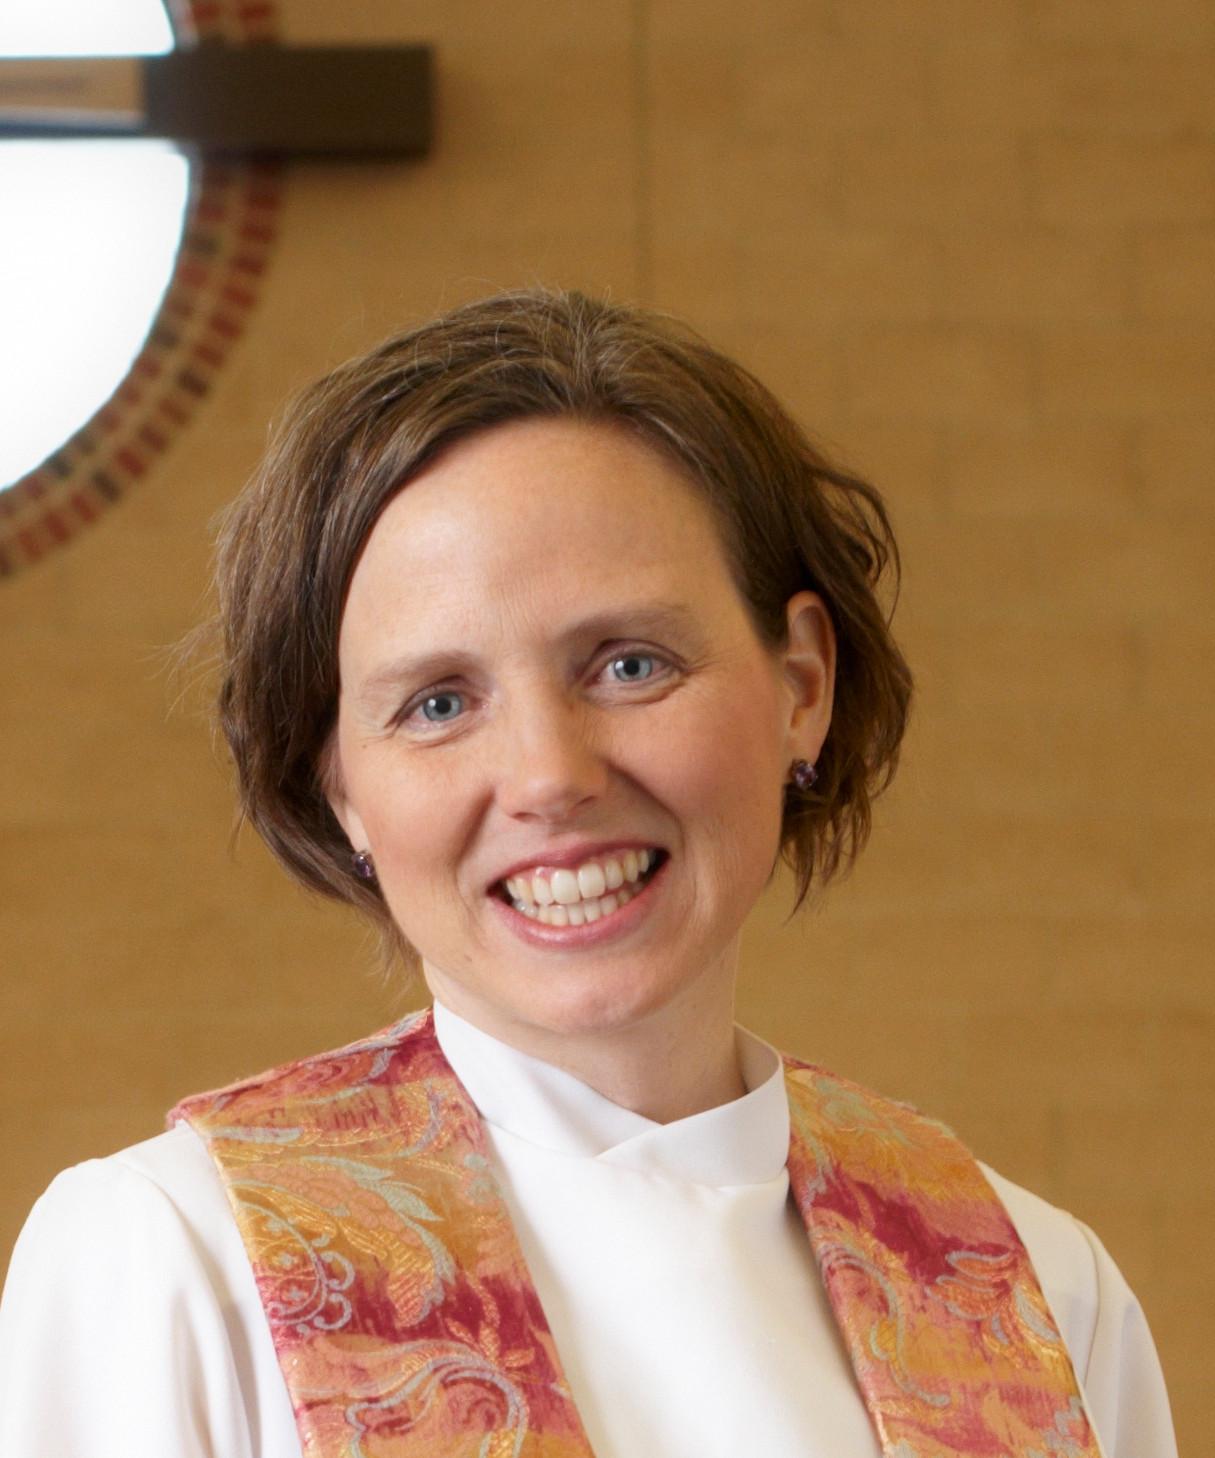 Rev. Alice Townley